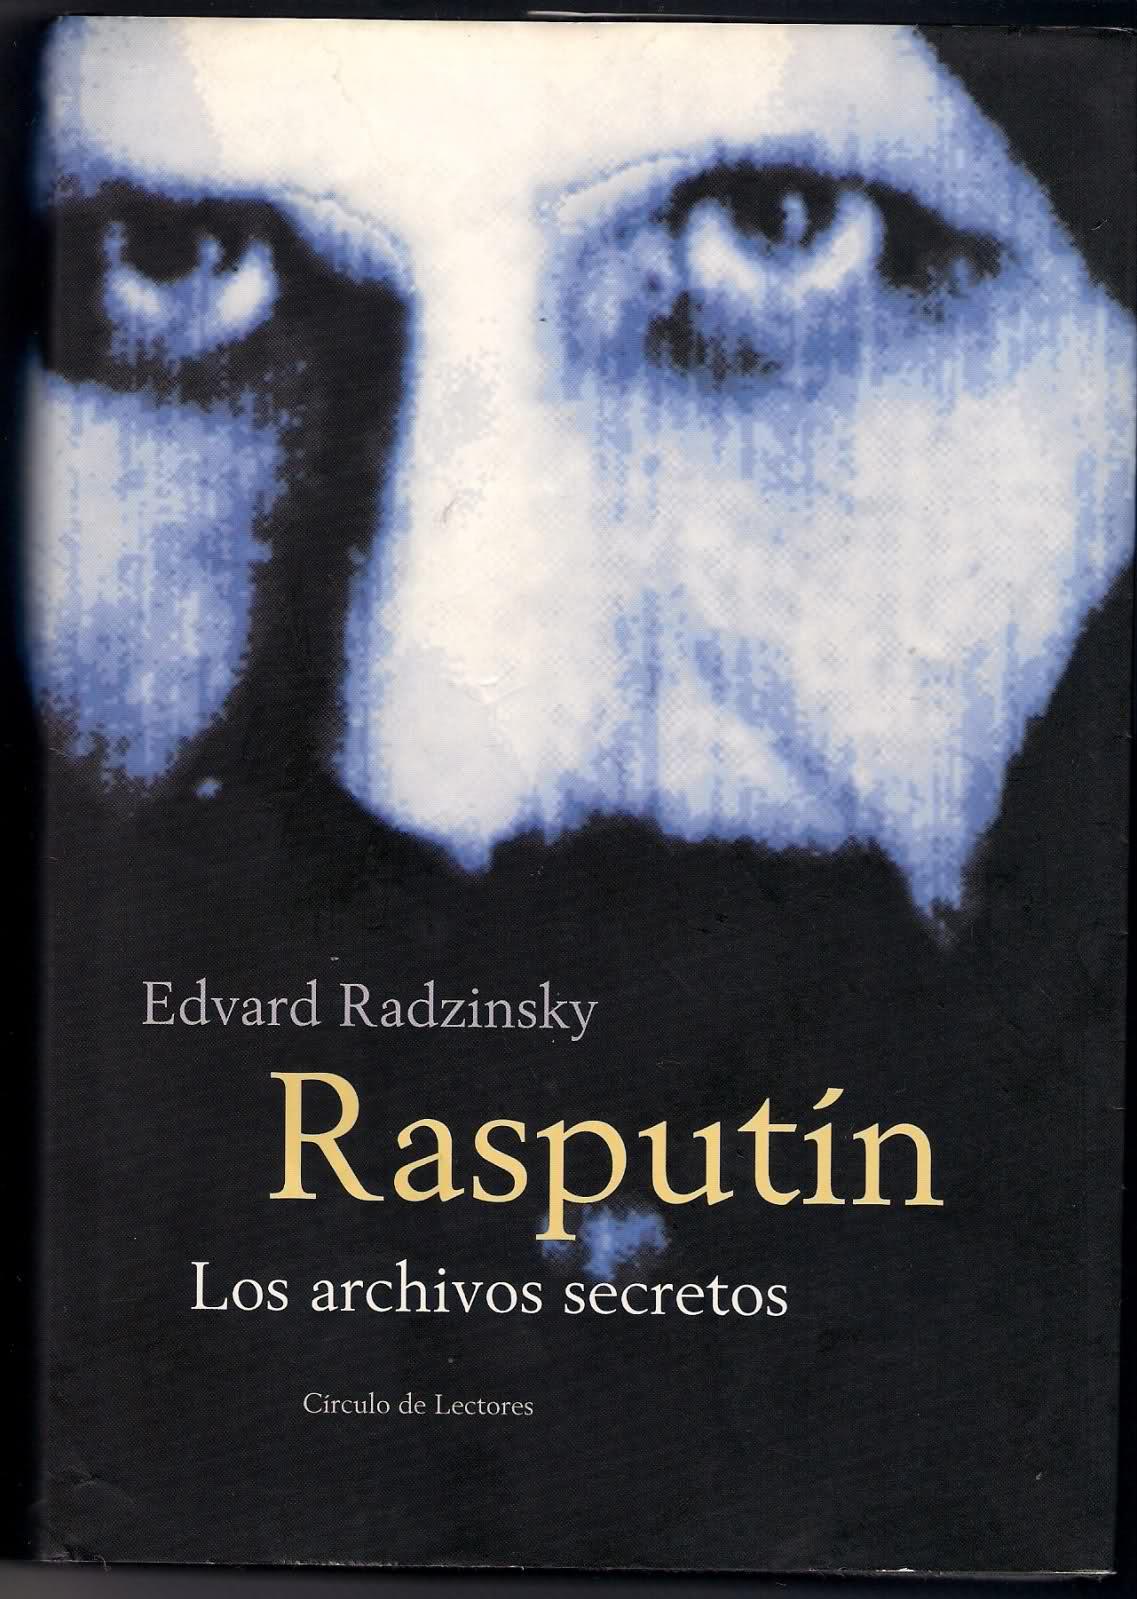 Libros dedicados a la Familia Imperial rusa 21jy7md